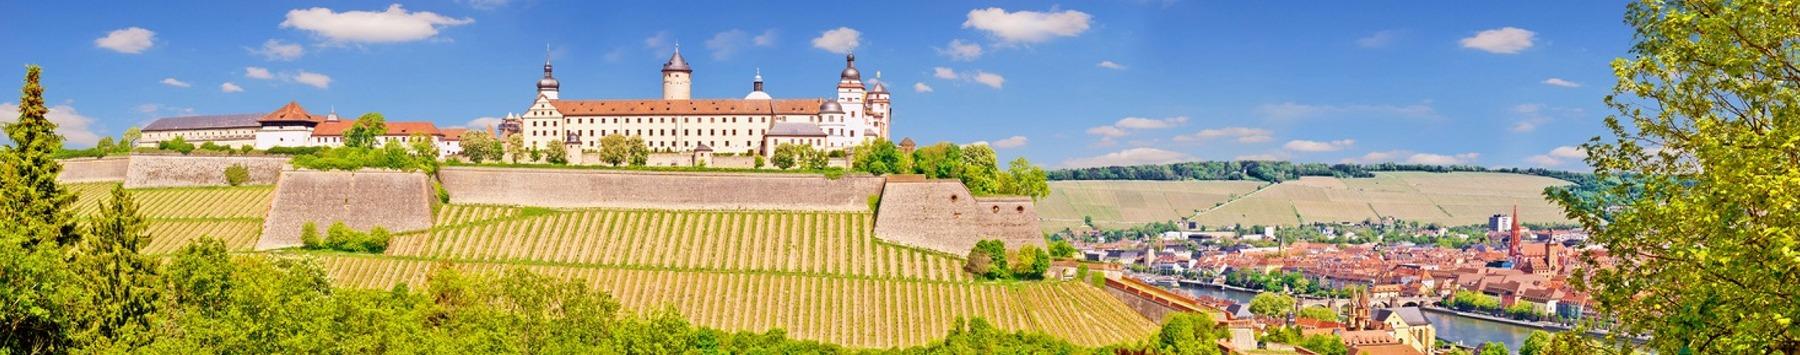 Steuerkanzlei Hochapfel in Würzburg